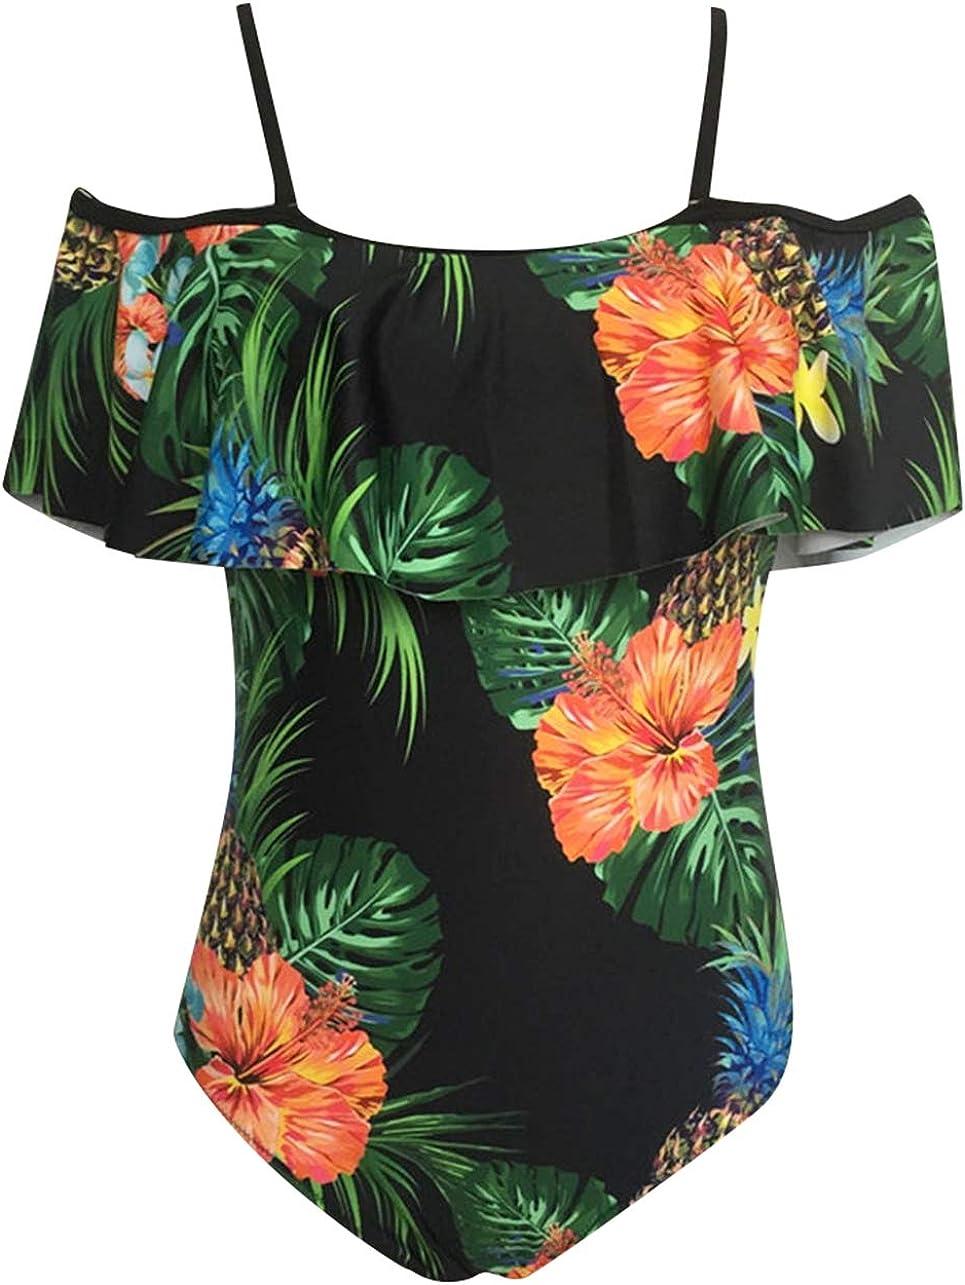 heekpek Ba/ñador Estampado de Flores Tropical con Volantes Relleno para Mujer